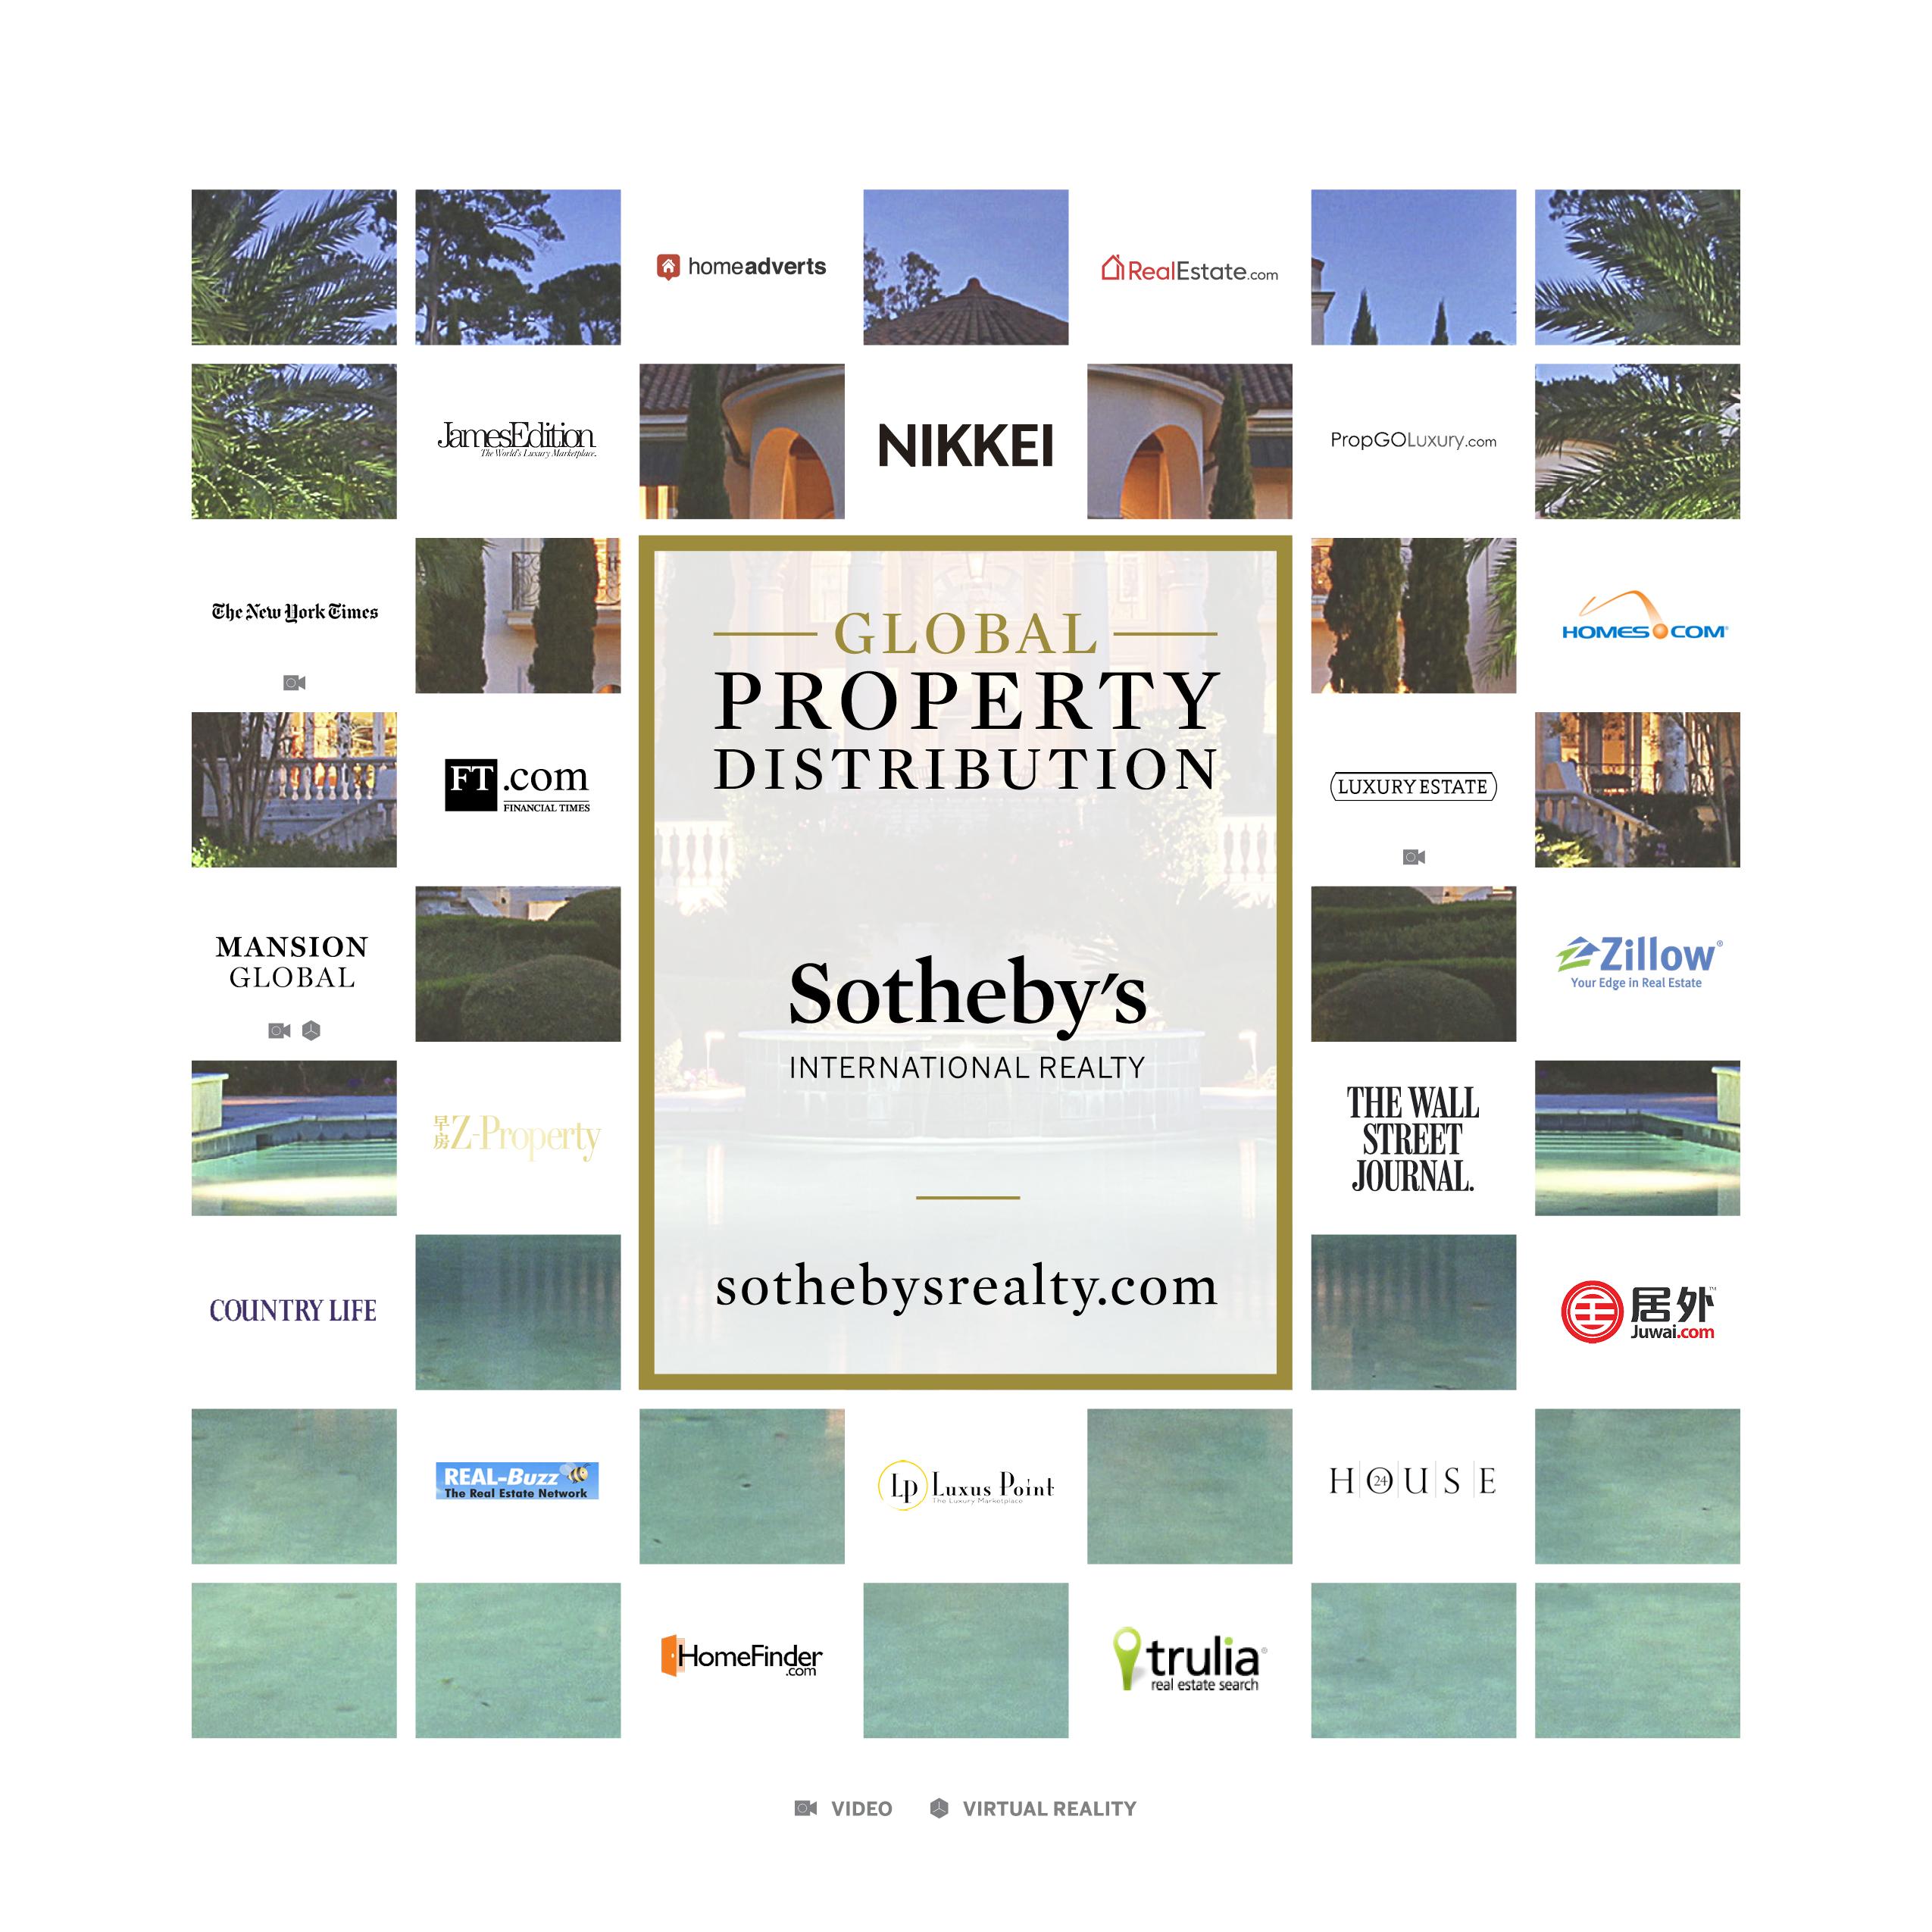 Grid Sothebys